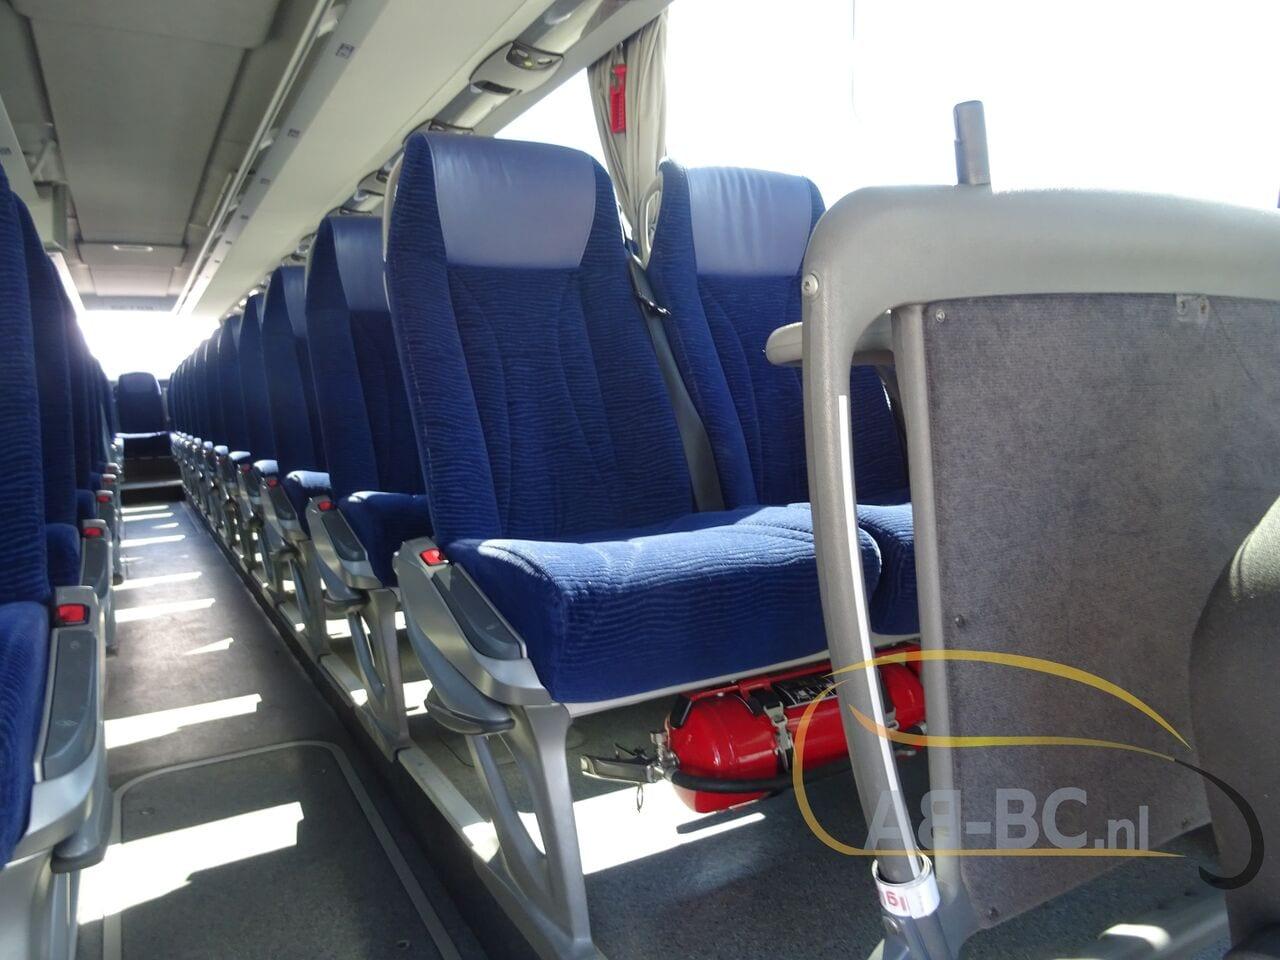 coach-busSETRA-S415-GT-HD-FINAL-EDITION-51-SEATS-LIFTBUS---1620382006400963944_big_1a12aa16fd7a9547e9fc2d09c289806f--21050713010665719300